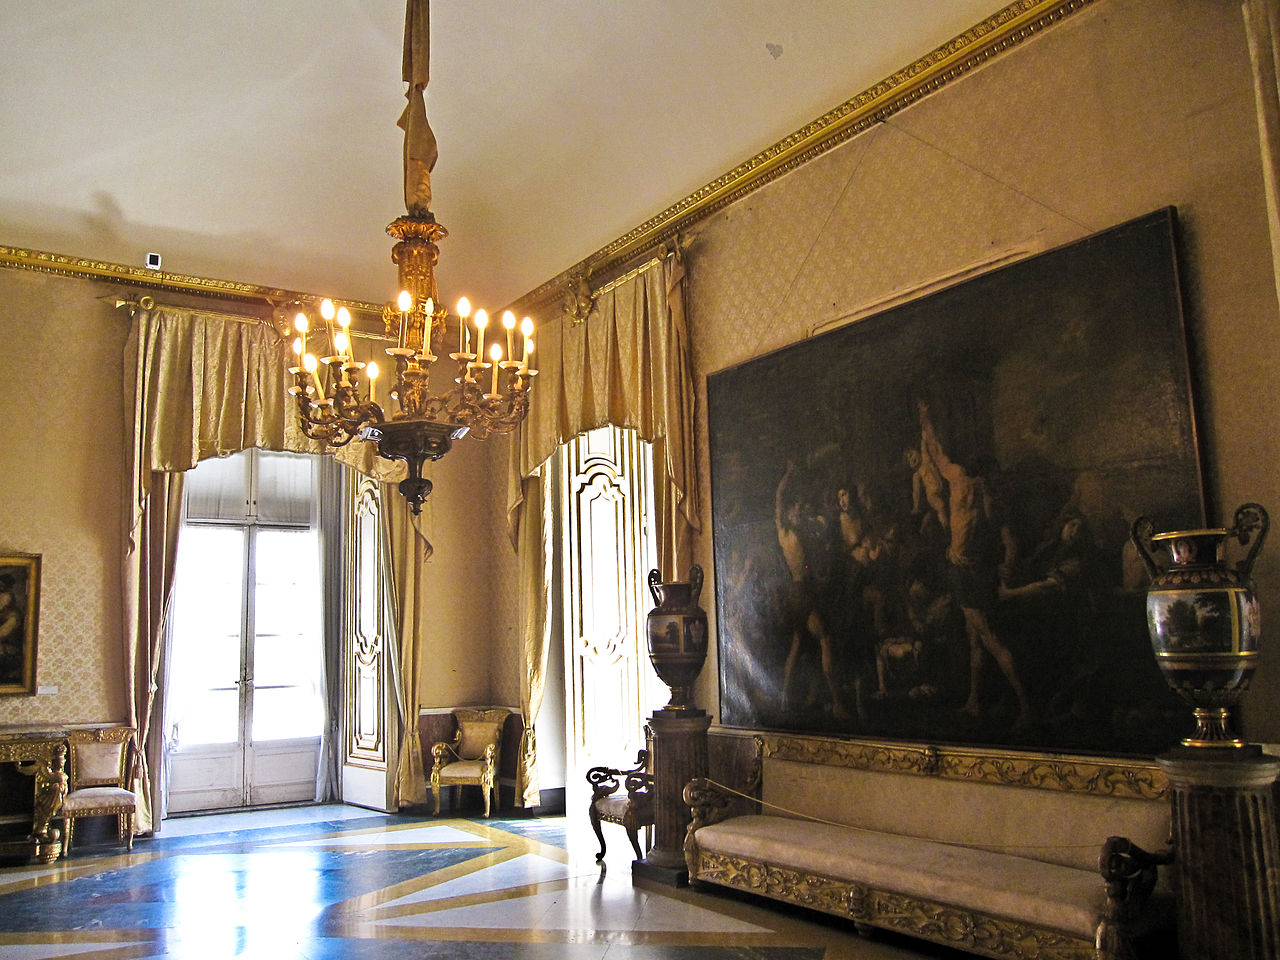 Королевский дворец в Неаполе, интерьер